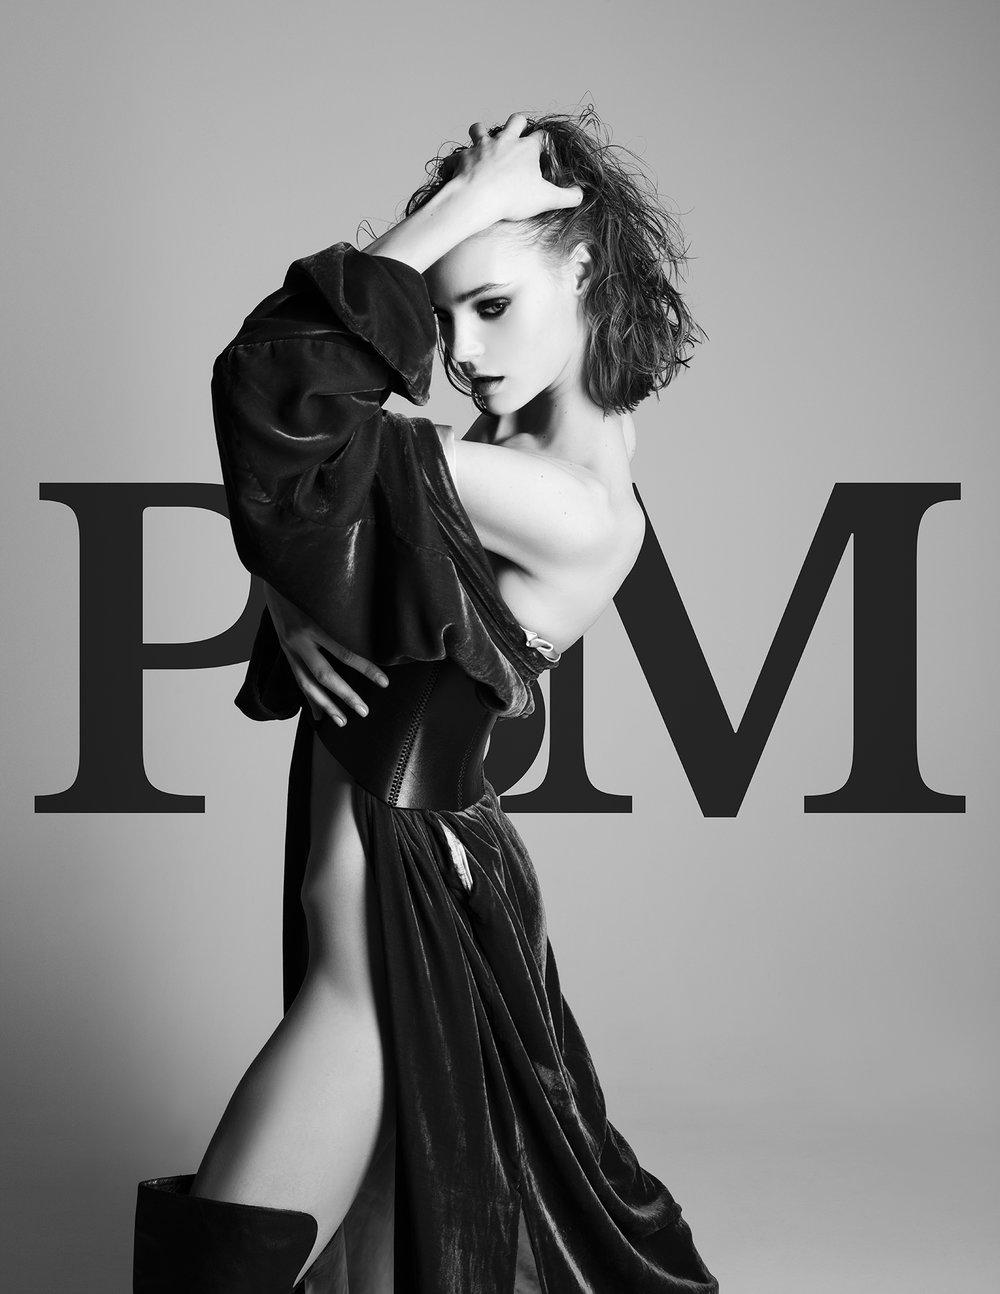 Juju Ivanyuk by Pino Leone for PSM Magazine 9649 COVER 2000.jpg